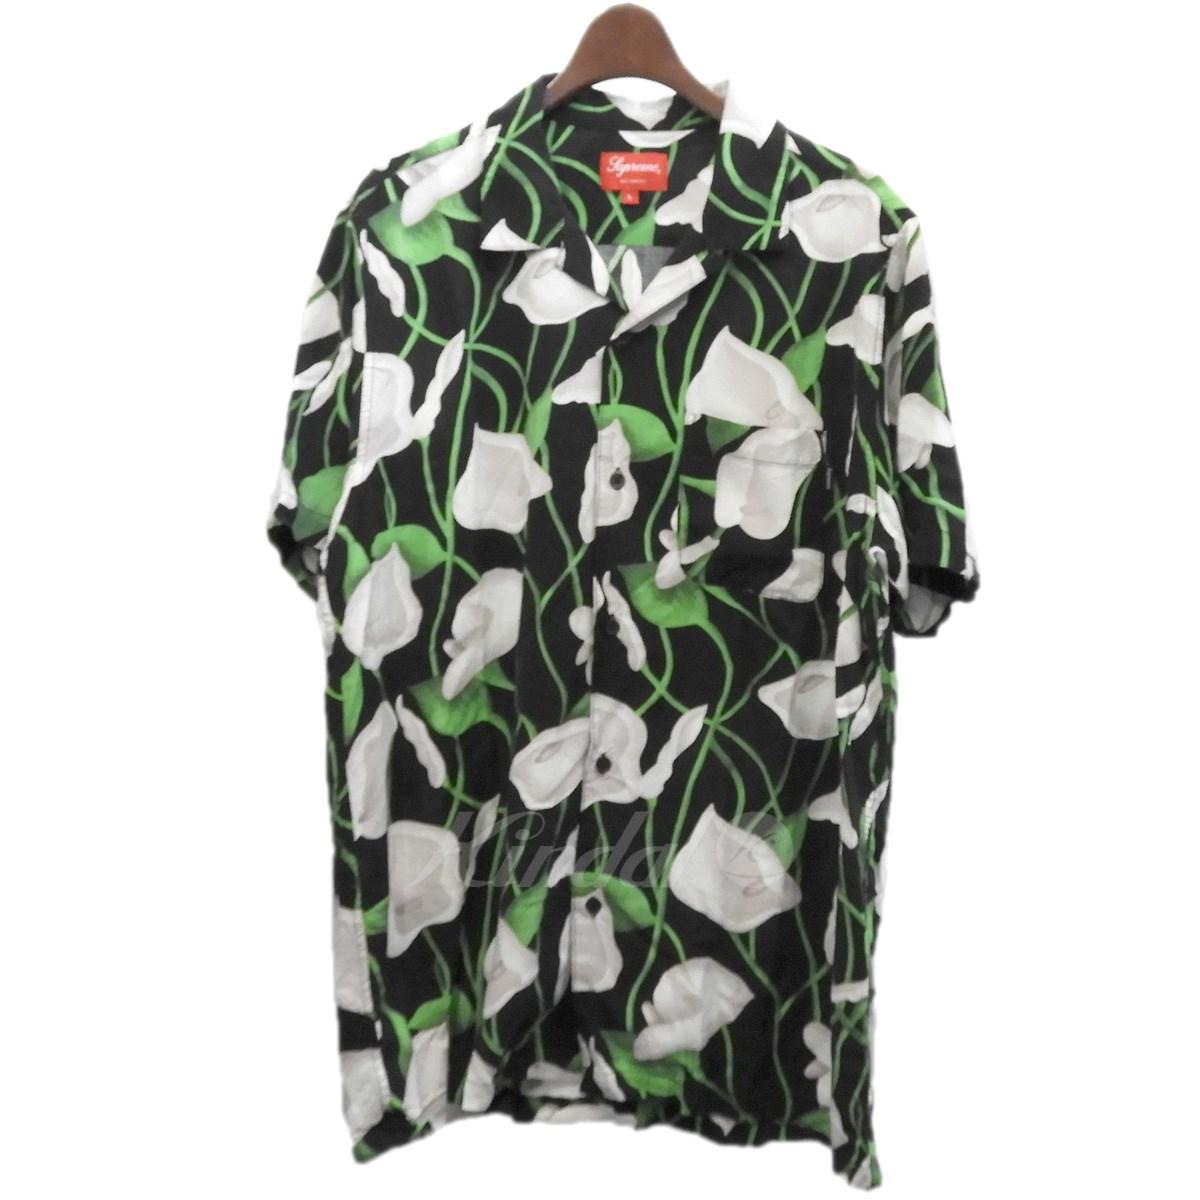 【中古】SUPREME 18SS「Lilly Rayon Shirt」リリーレーヨンシャツ ブラック サイズ:L 【送料無料】 【130319】(シュプリーム)